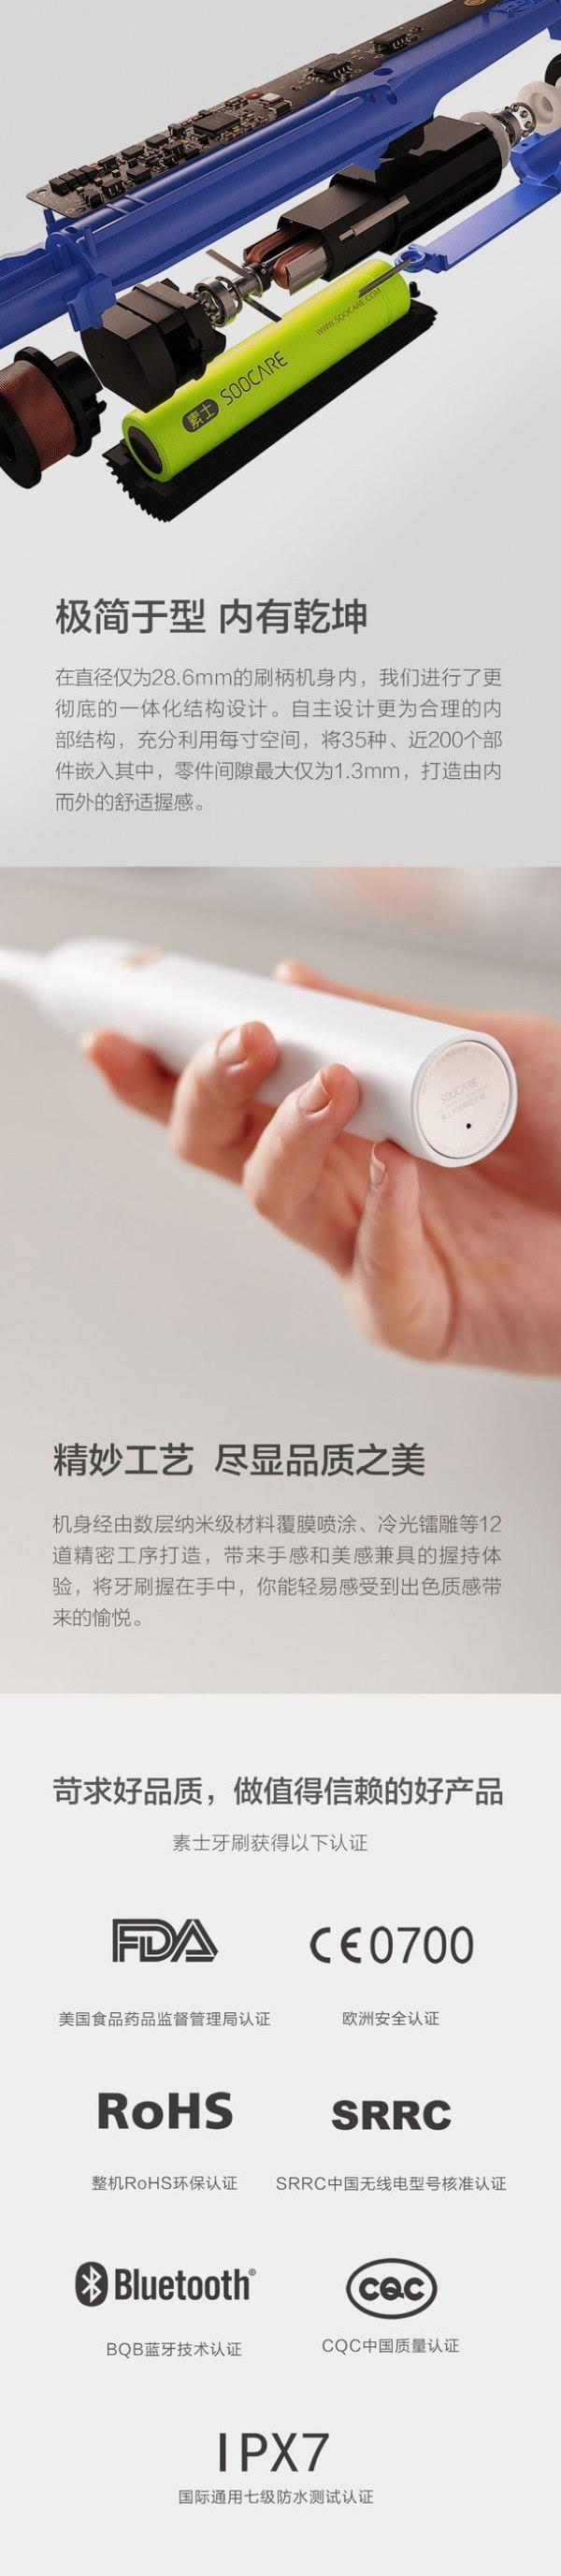 小米正式发布素士声波电动牙刷 售价229元的照片 - 9